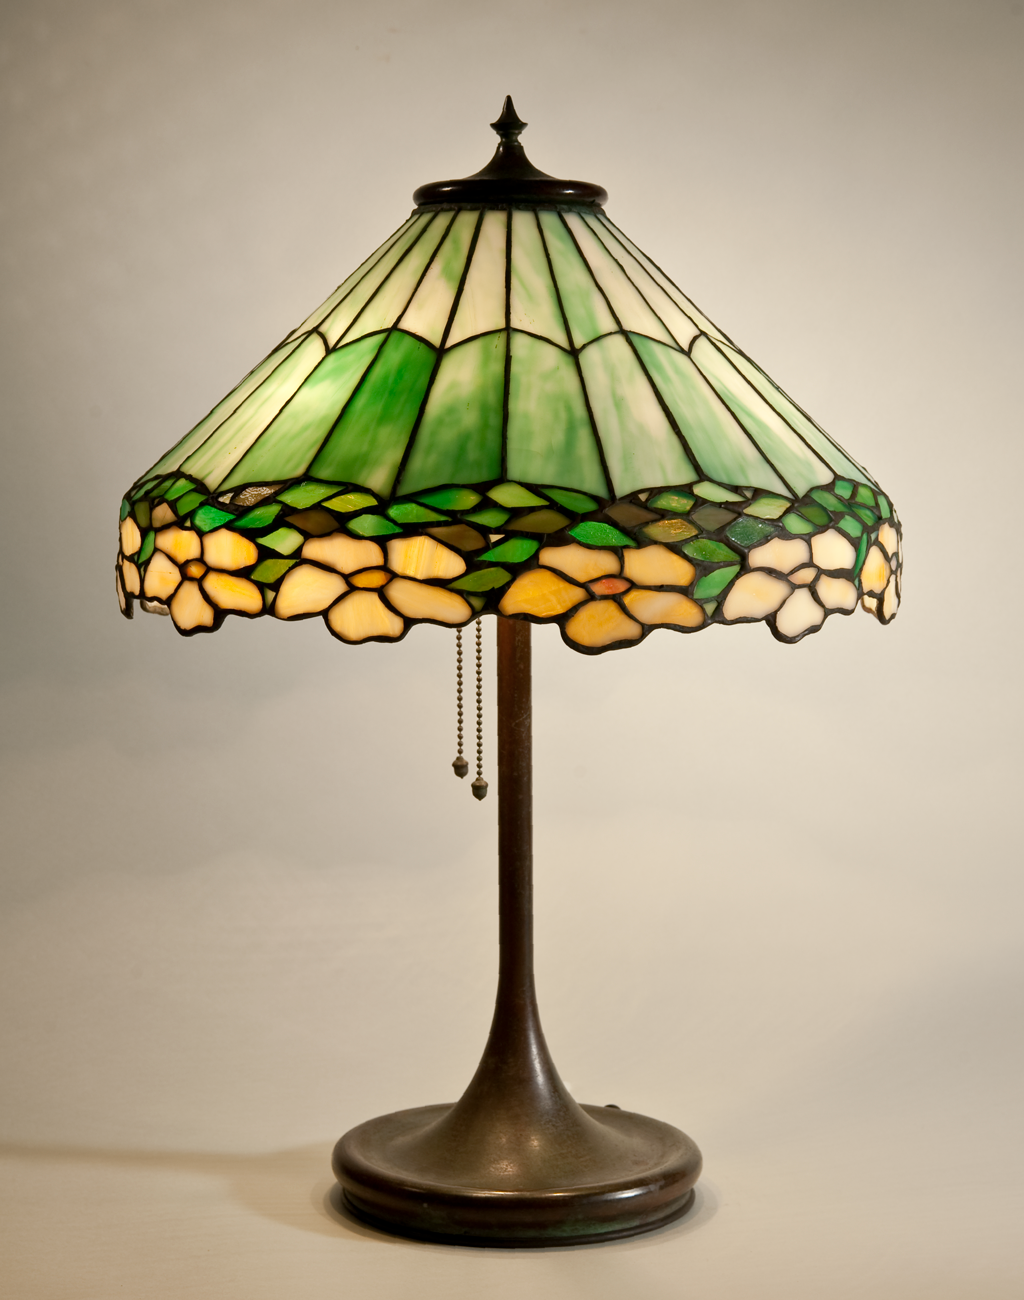 Portable Lamp C 1903 17 Leaded Glass Metal Unique Art Glass